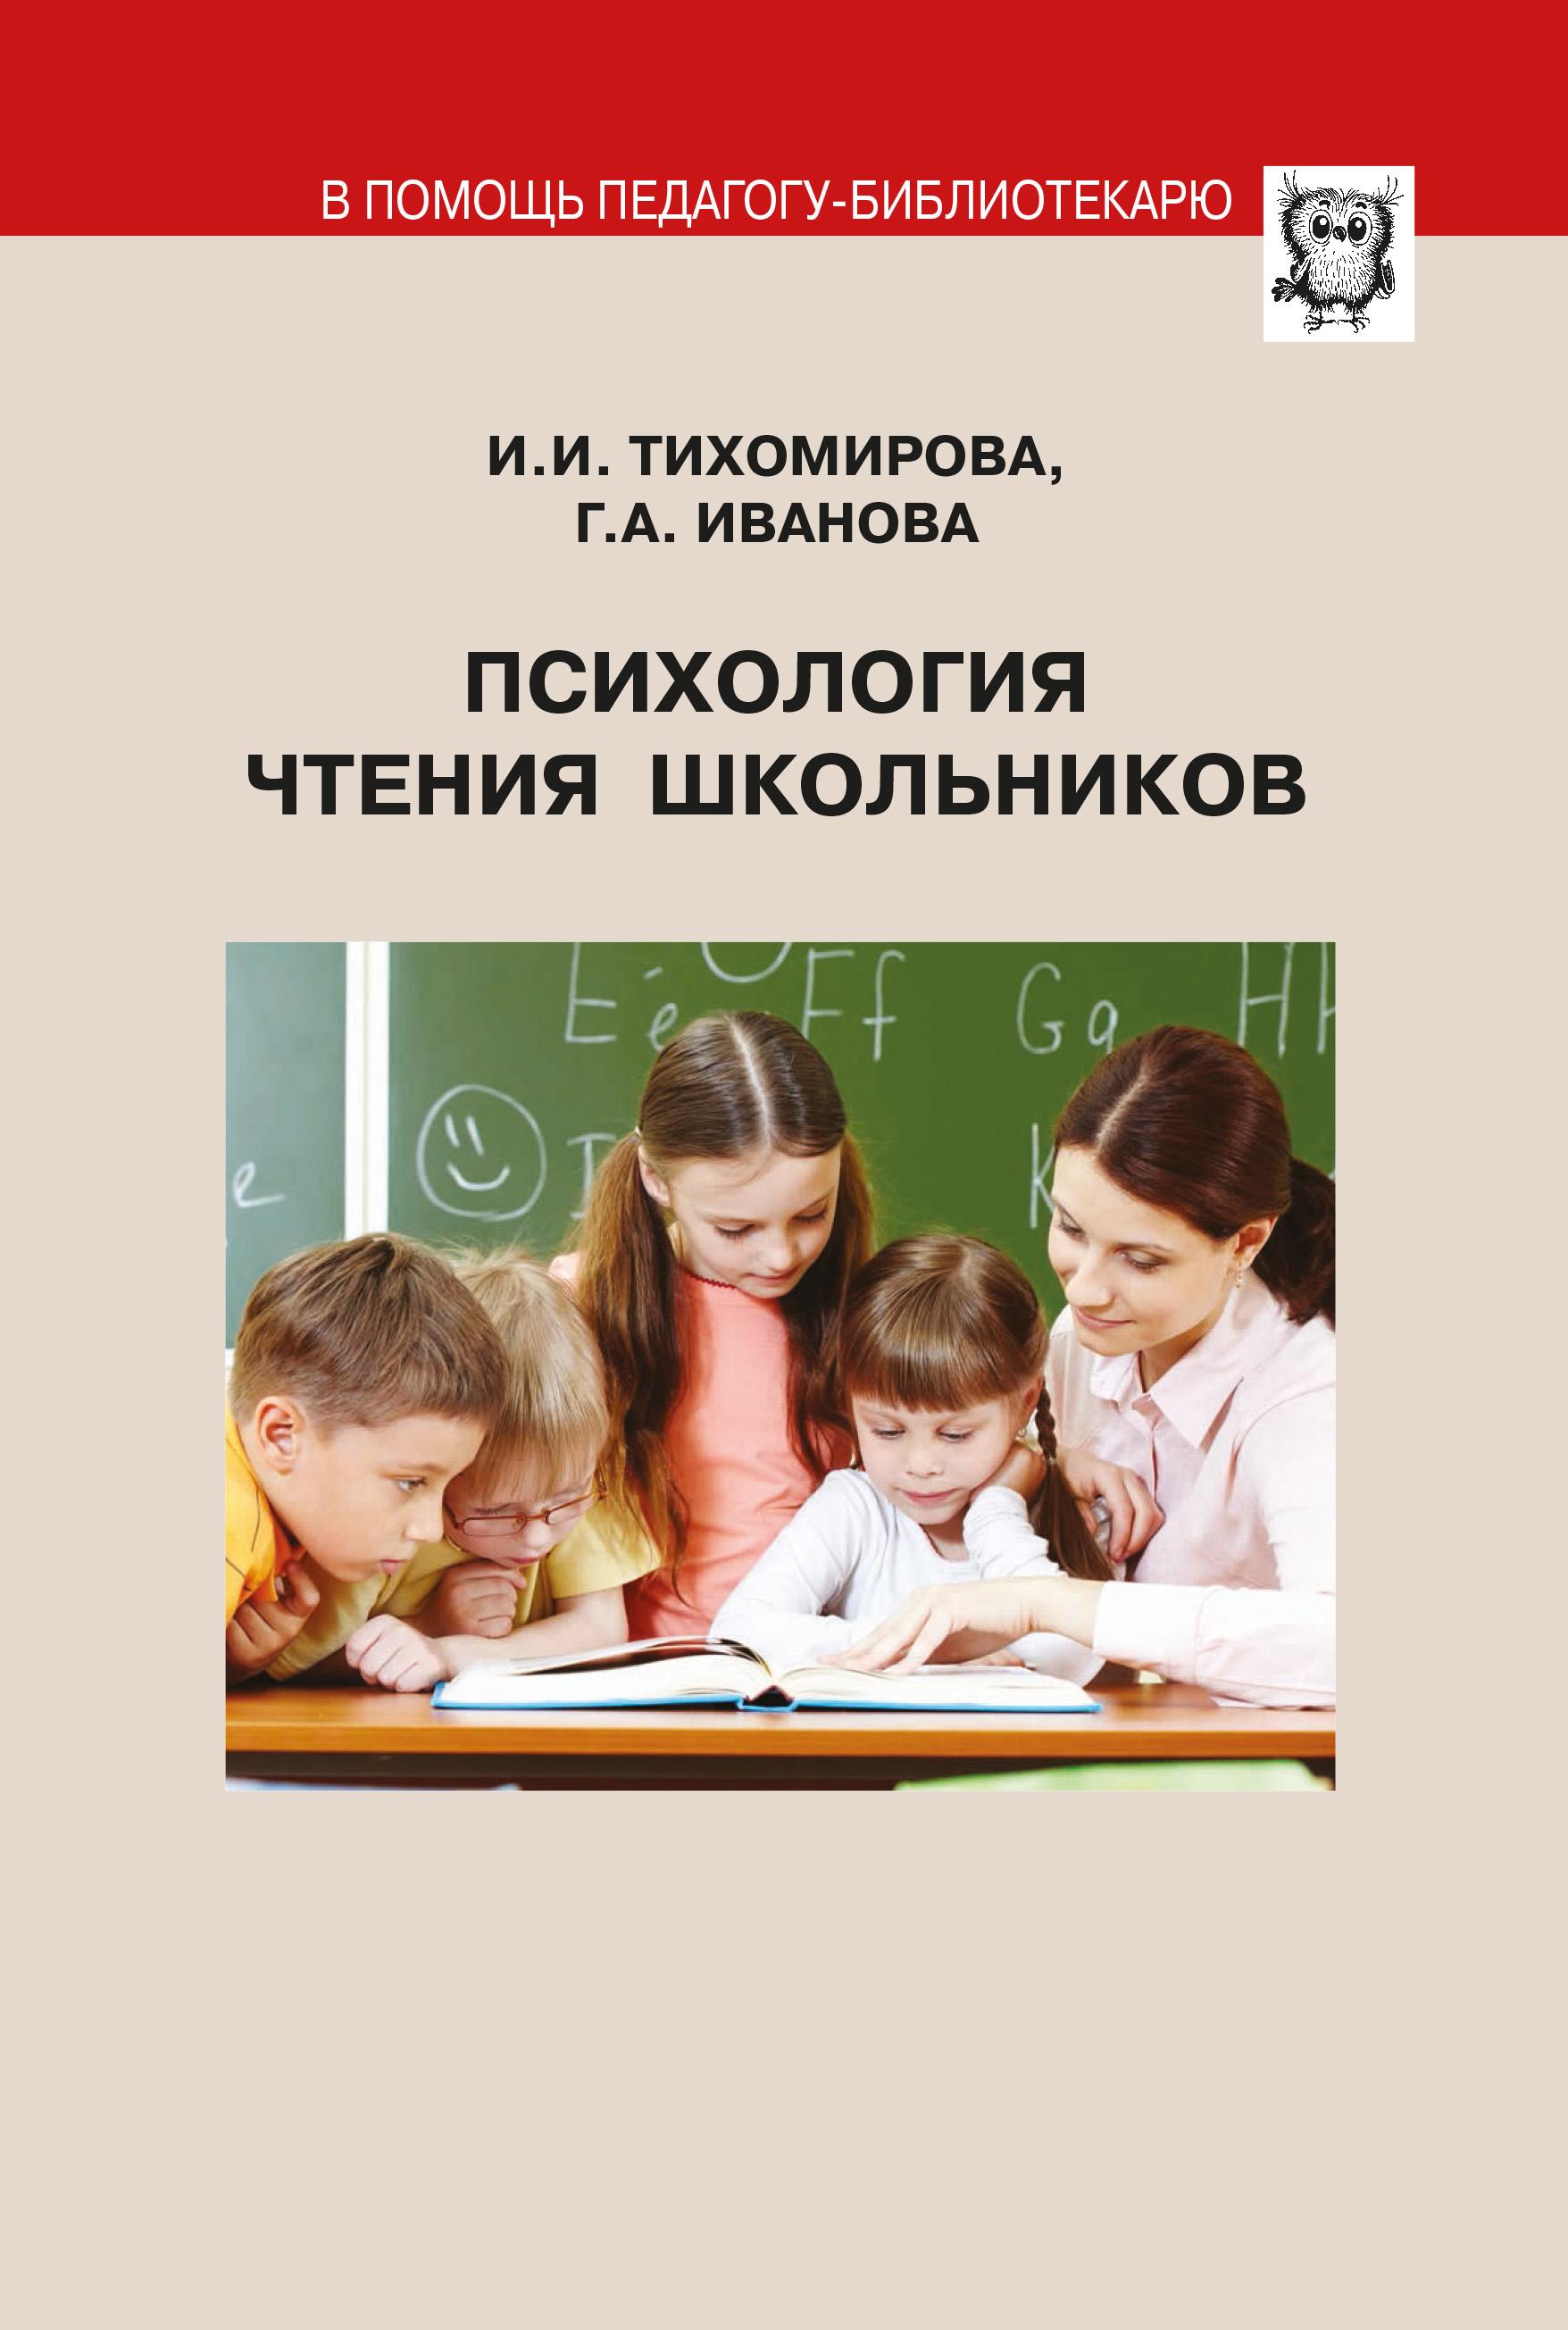 И. И. Тихомирова Психология чтения школьников е кузьмин а поршакова подготовка программы поддержки детского и юношеского чтения